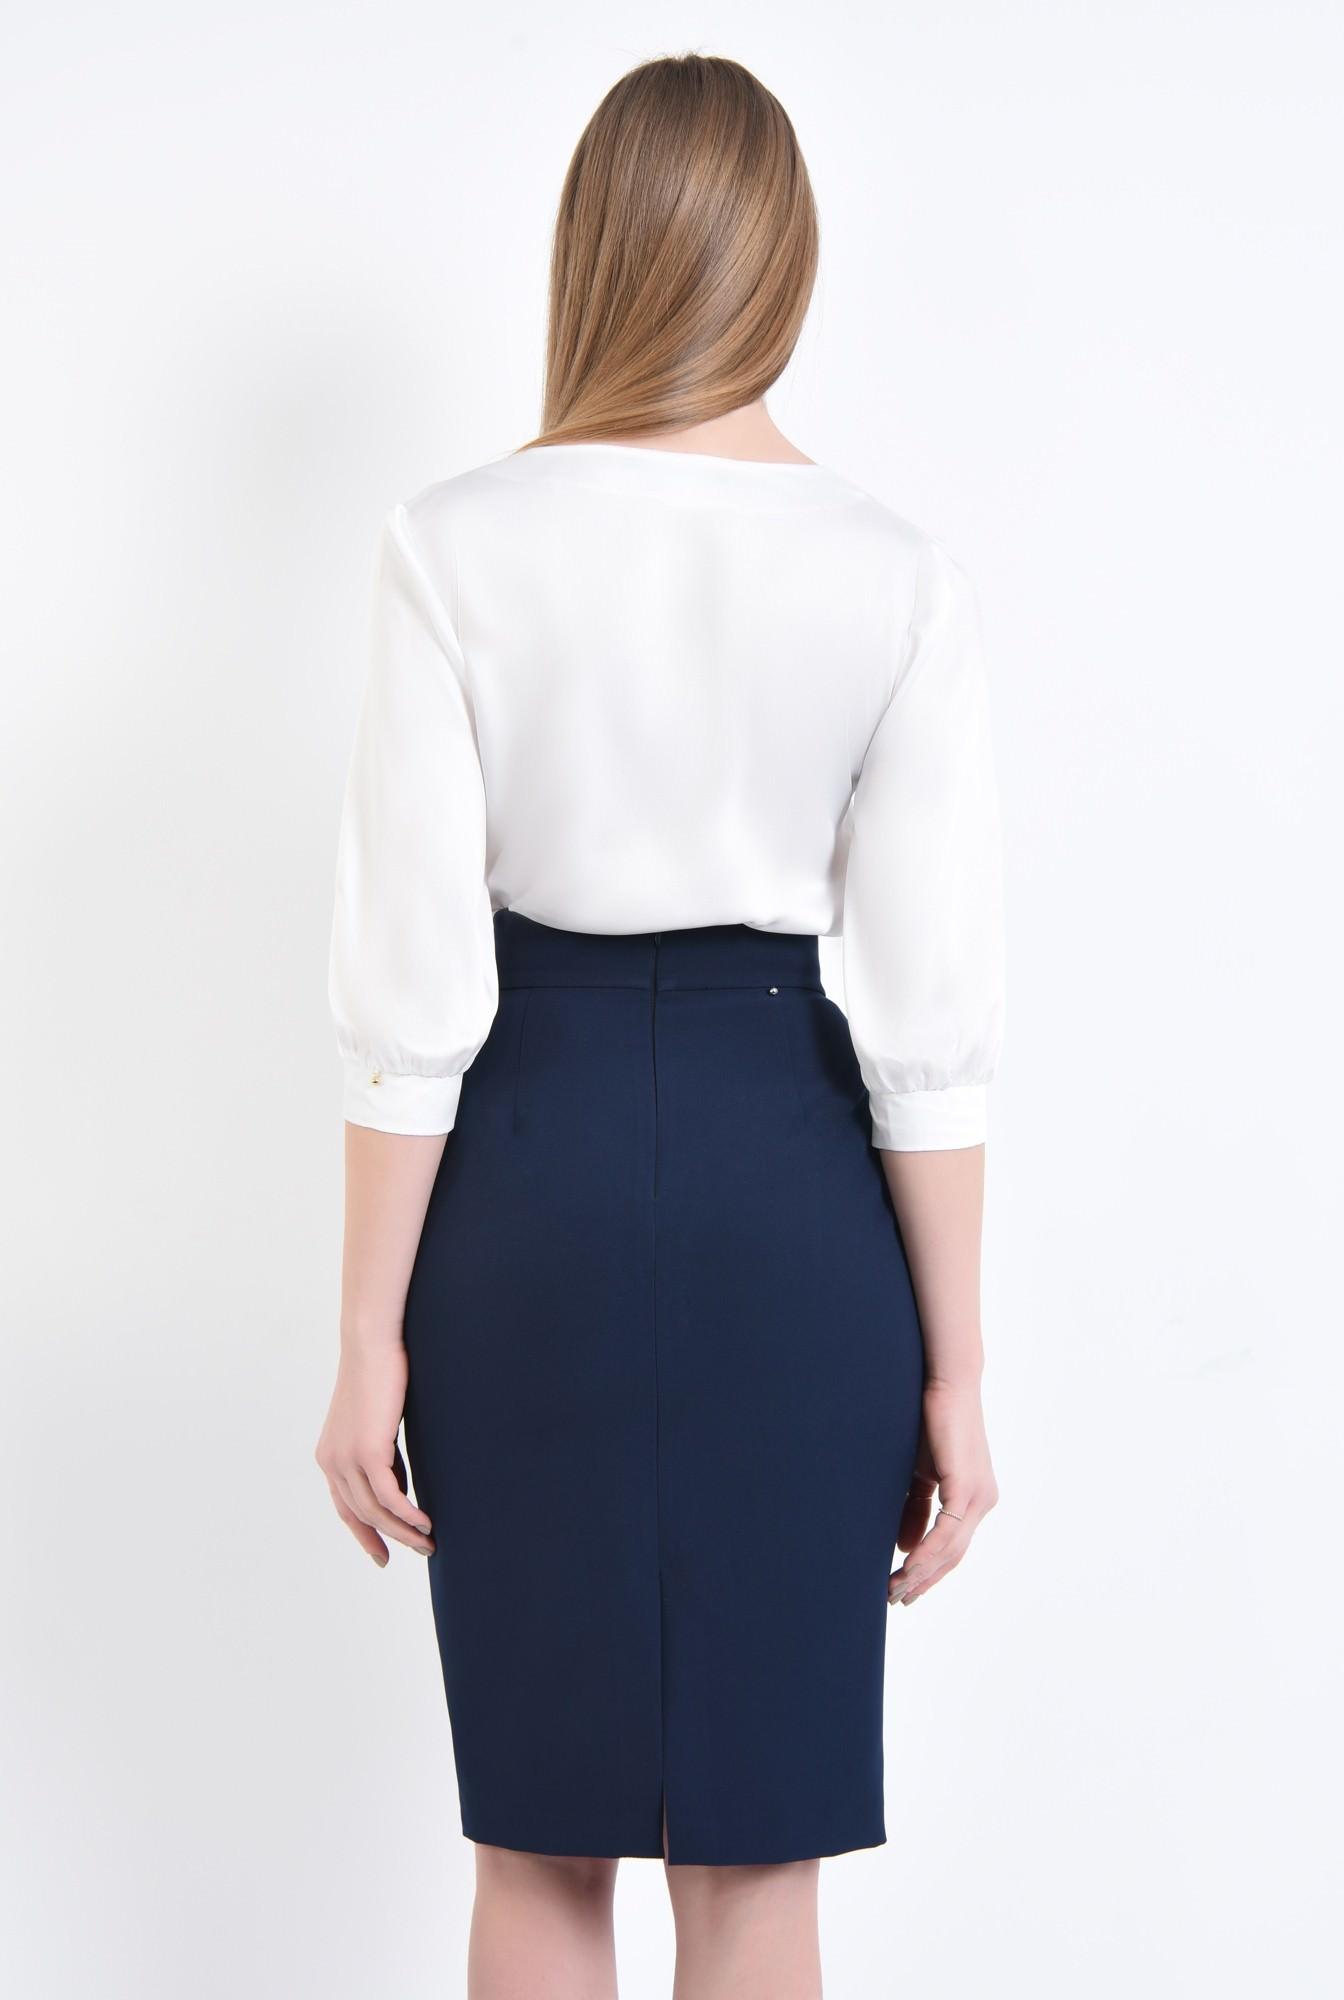 1 - 360 - Bluza eleganta ivoar, maneci midi, mansete